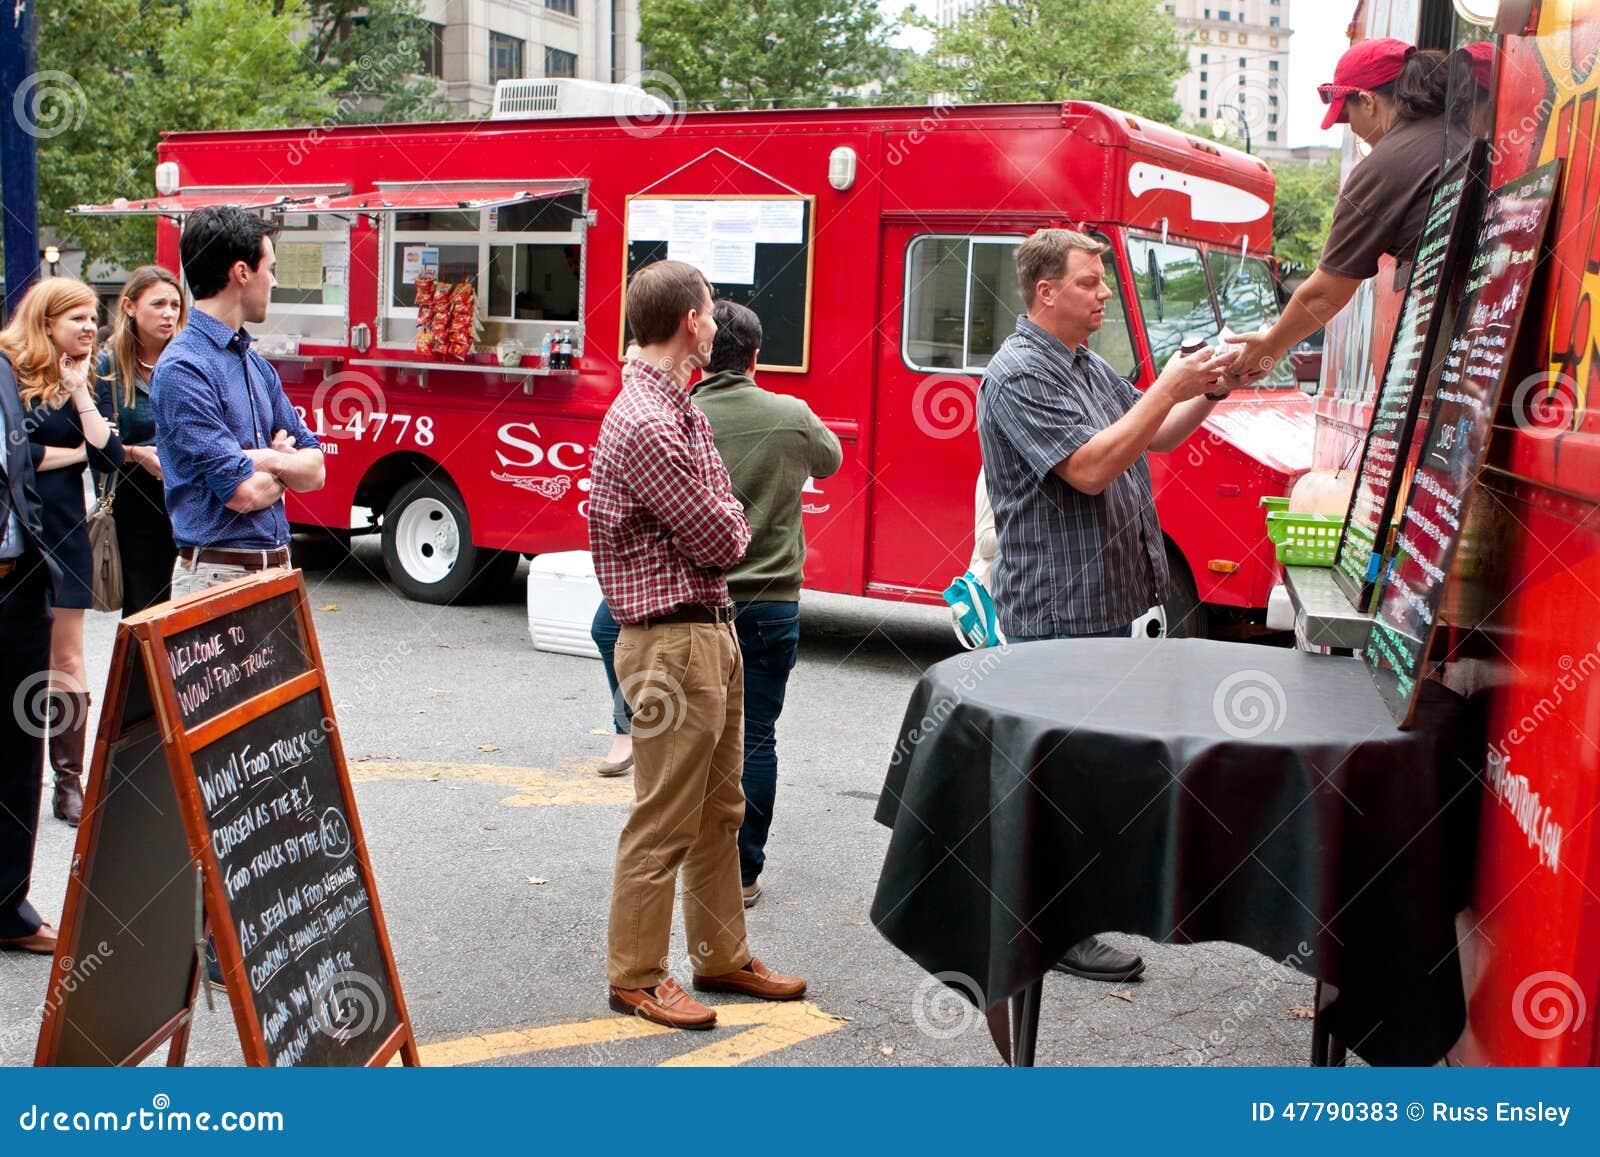 Food Truck Business In Atlanta